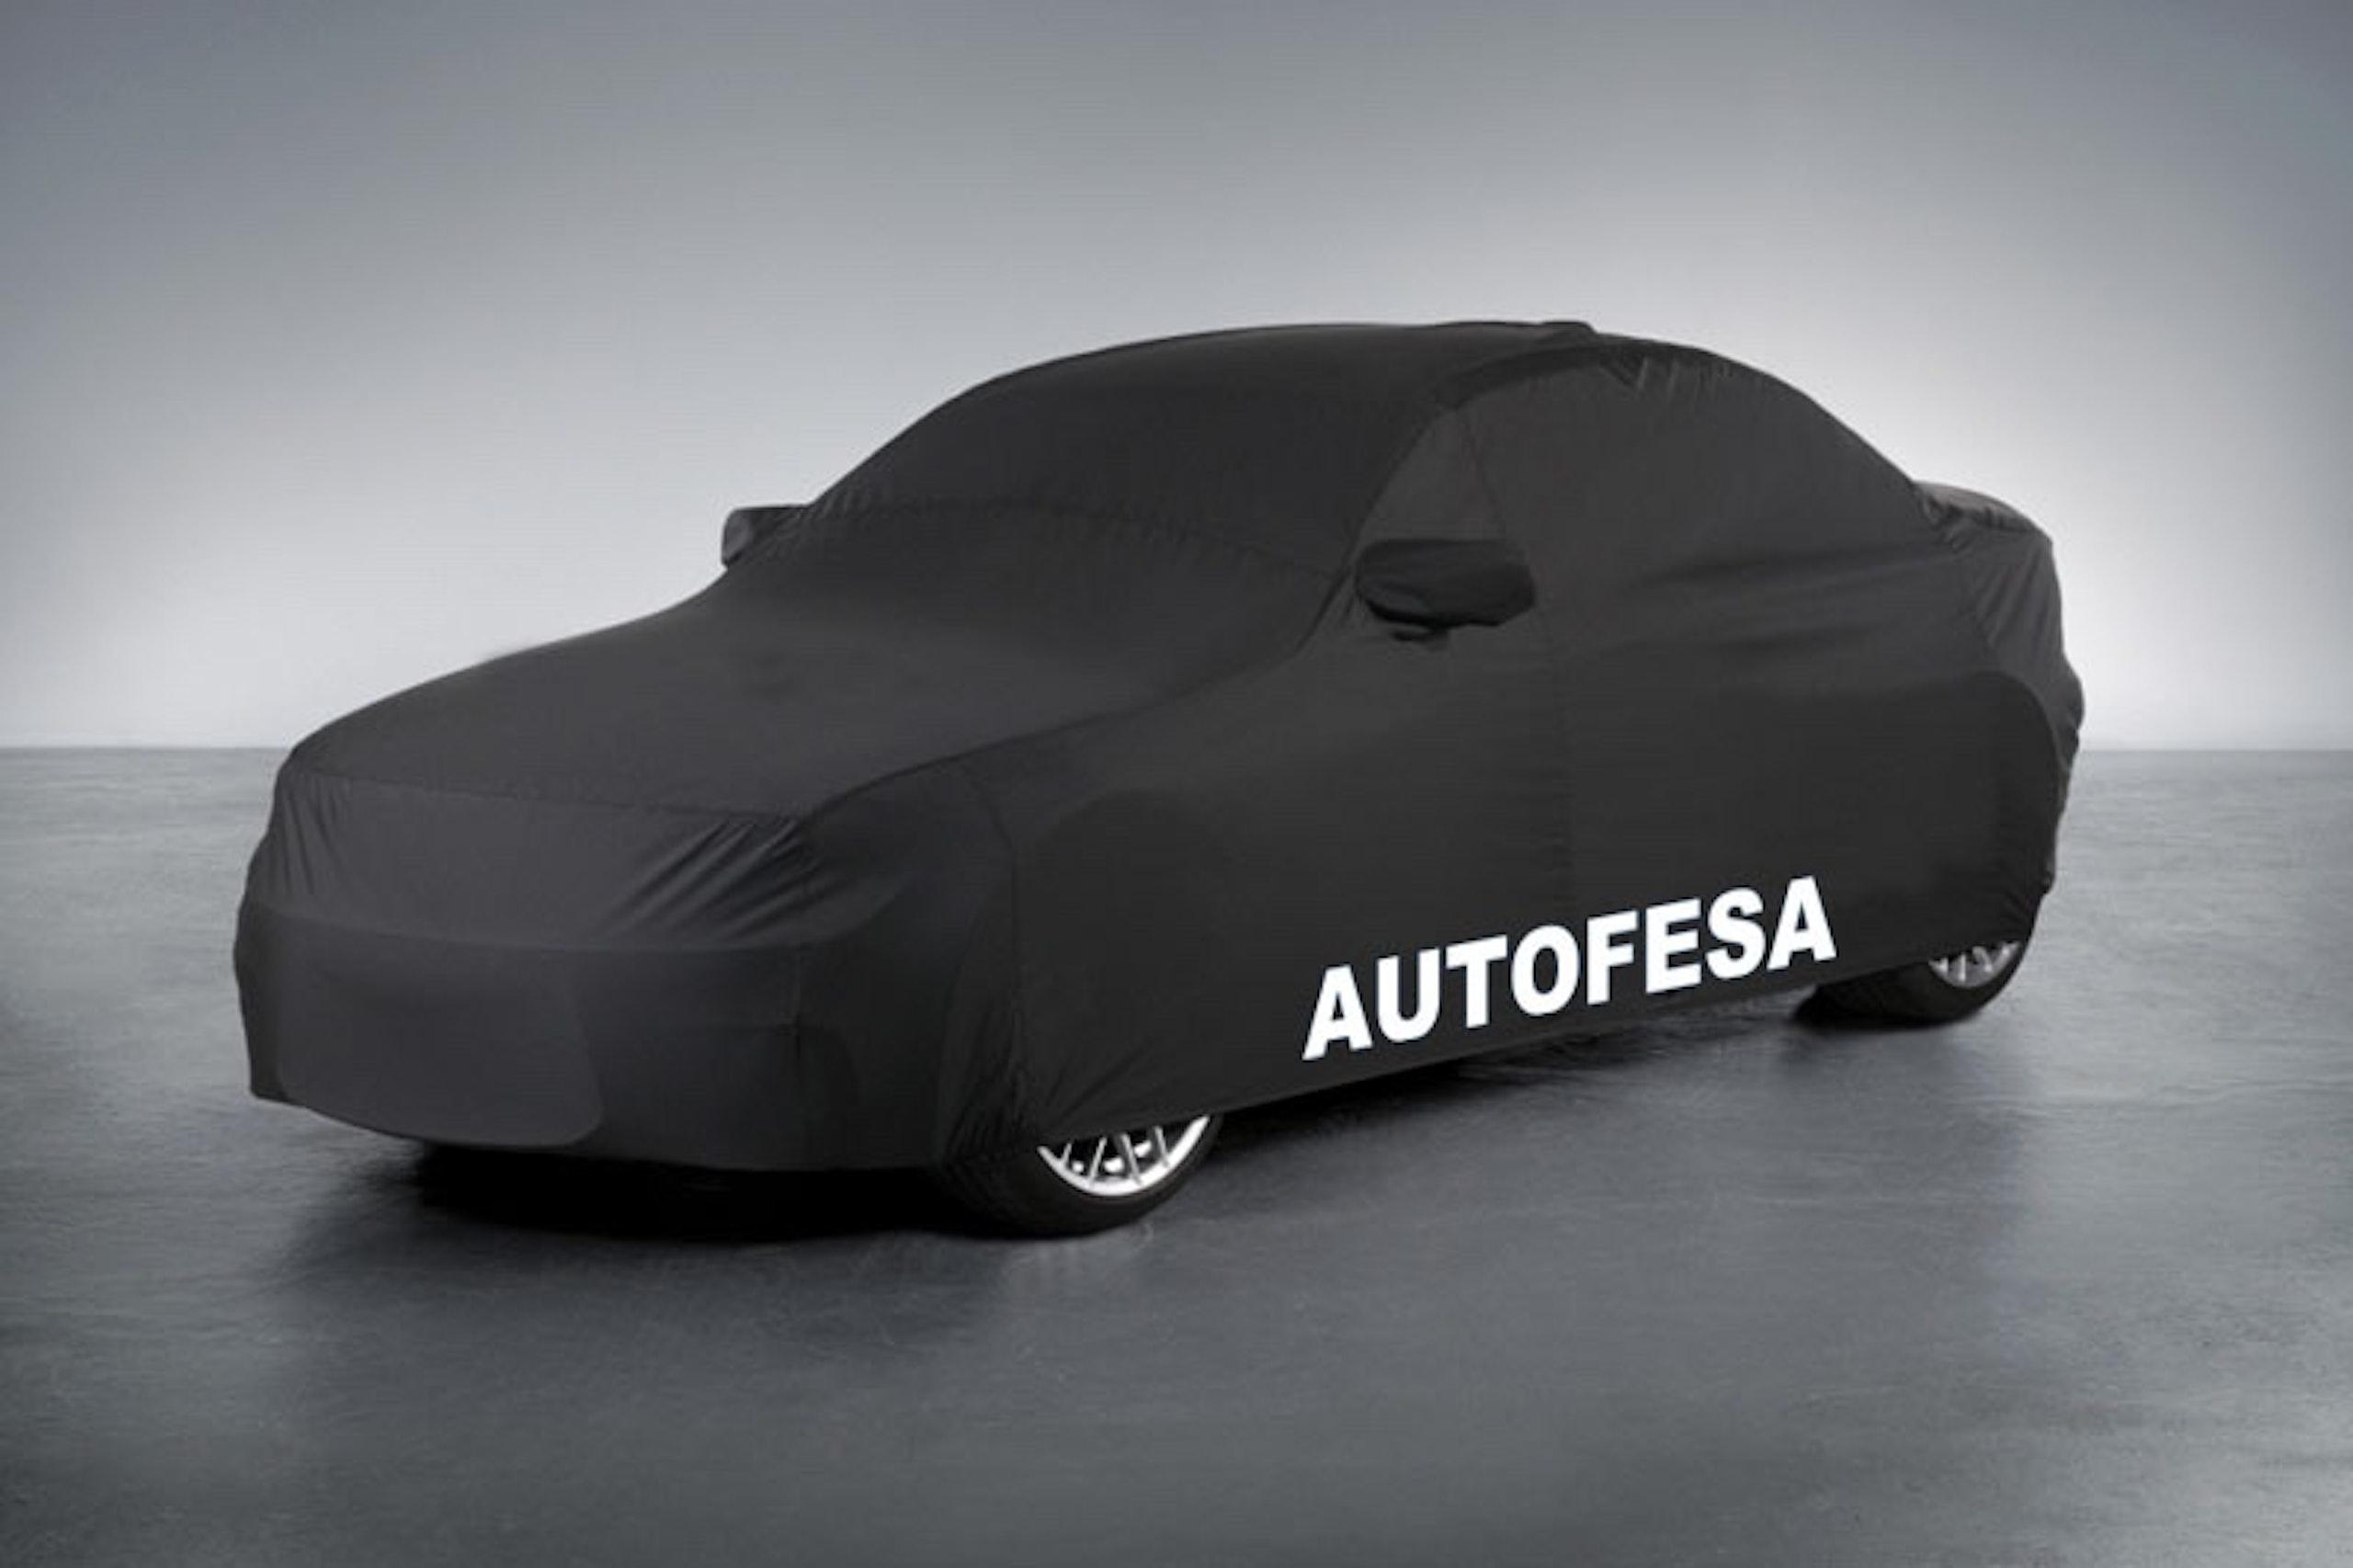 Fotos del Audi A4 Avant 2.0 TDI 140cv Multitronic 5p Exterior 1